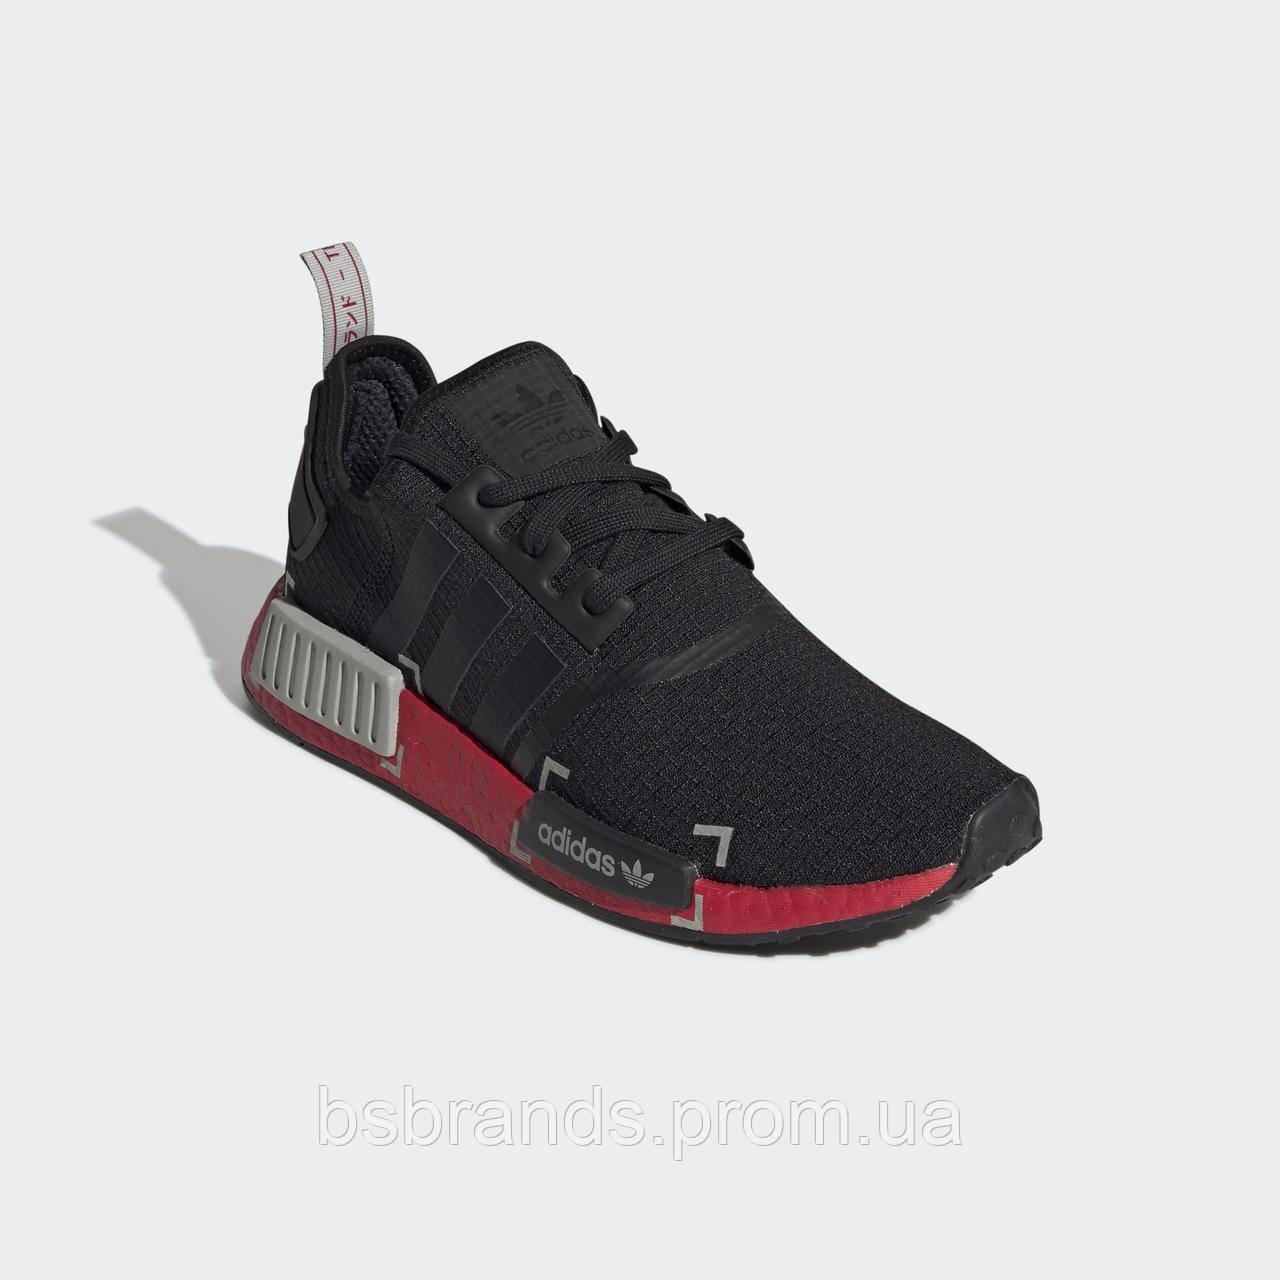 Чоловічі кросівки adidas NMD_R1 FV3907